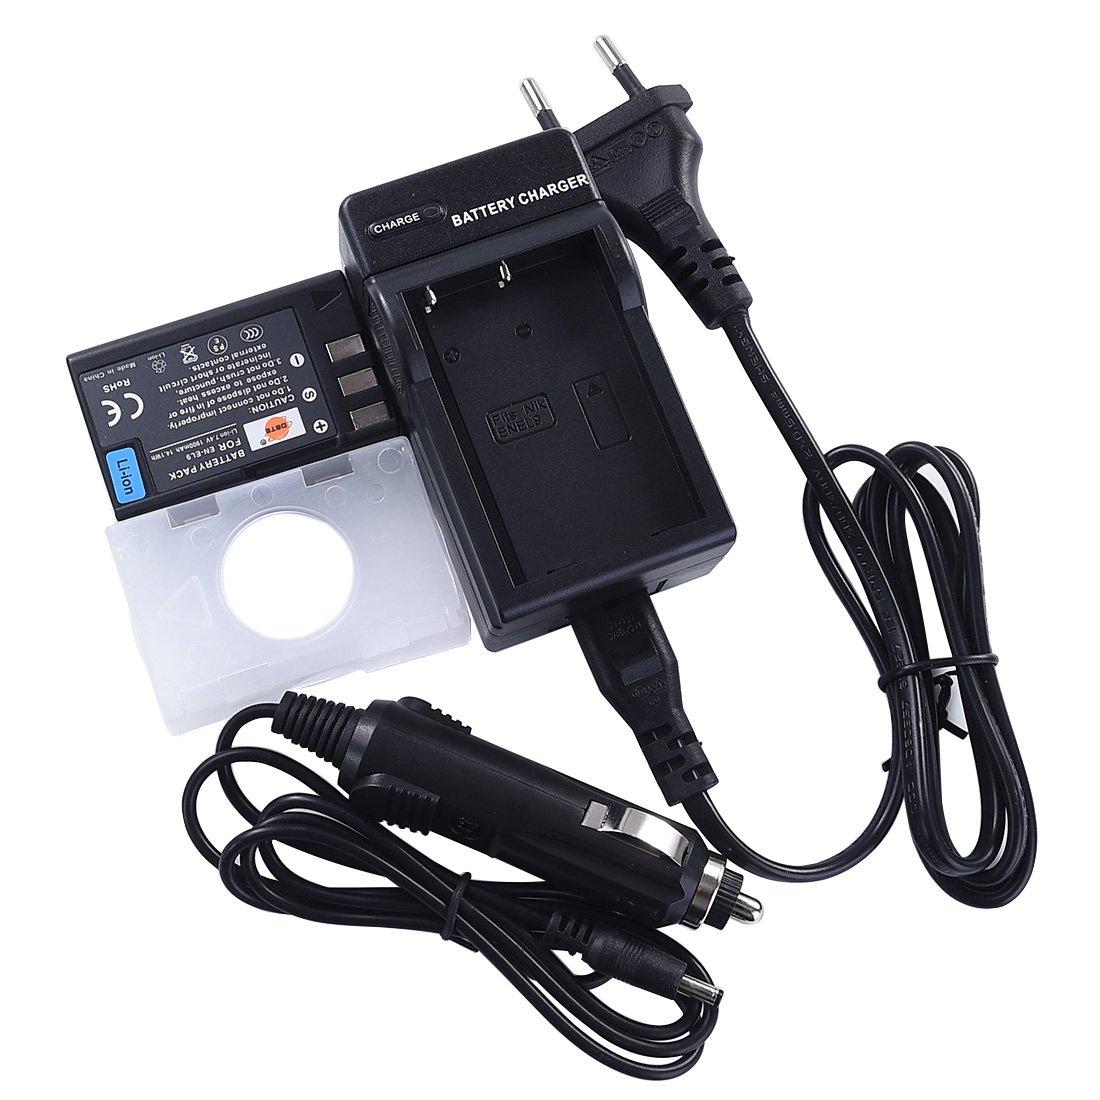 DSTE Ricambio Batteria + DC15E Caricabatteria per Nikon EN-EL9 EN-EL9A D40 D40x D60 D3000 D5000 DST Electron Technological Co. Ltd GJLF114B1G